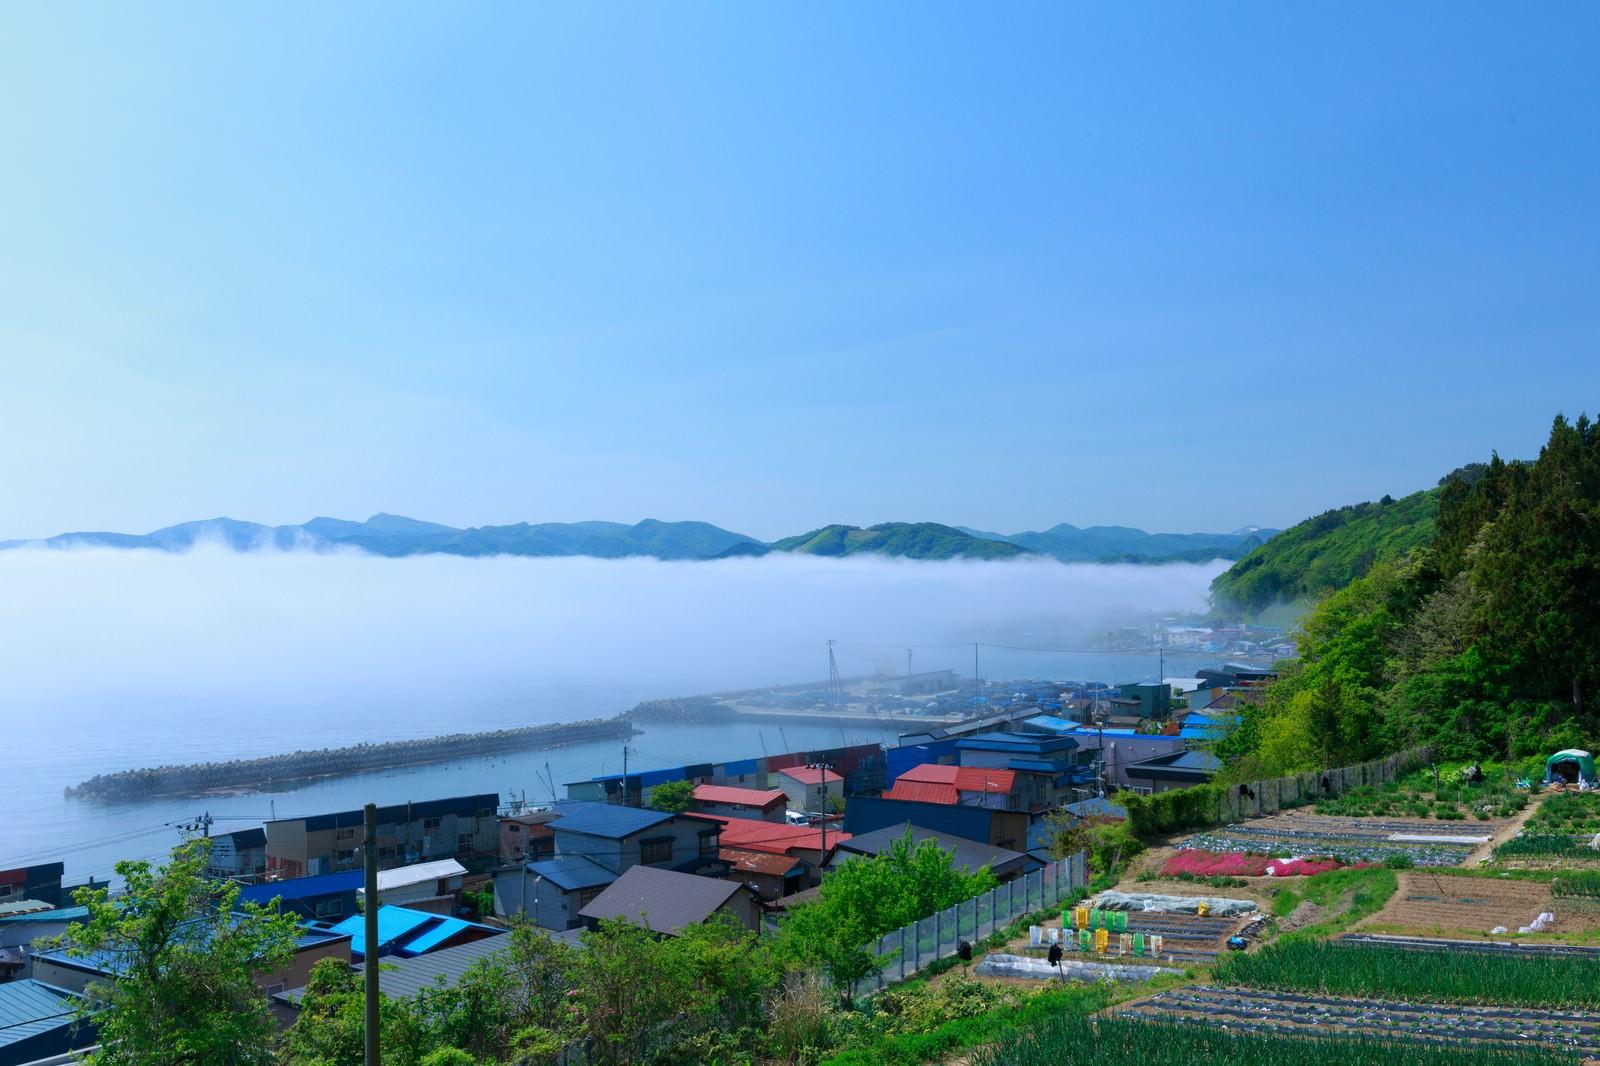 「海霧に包まれる漁村」の写真